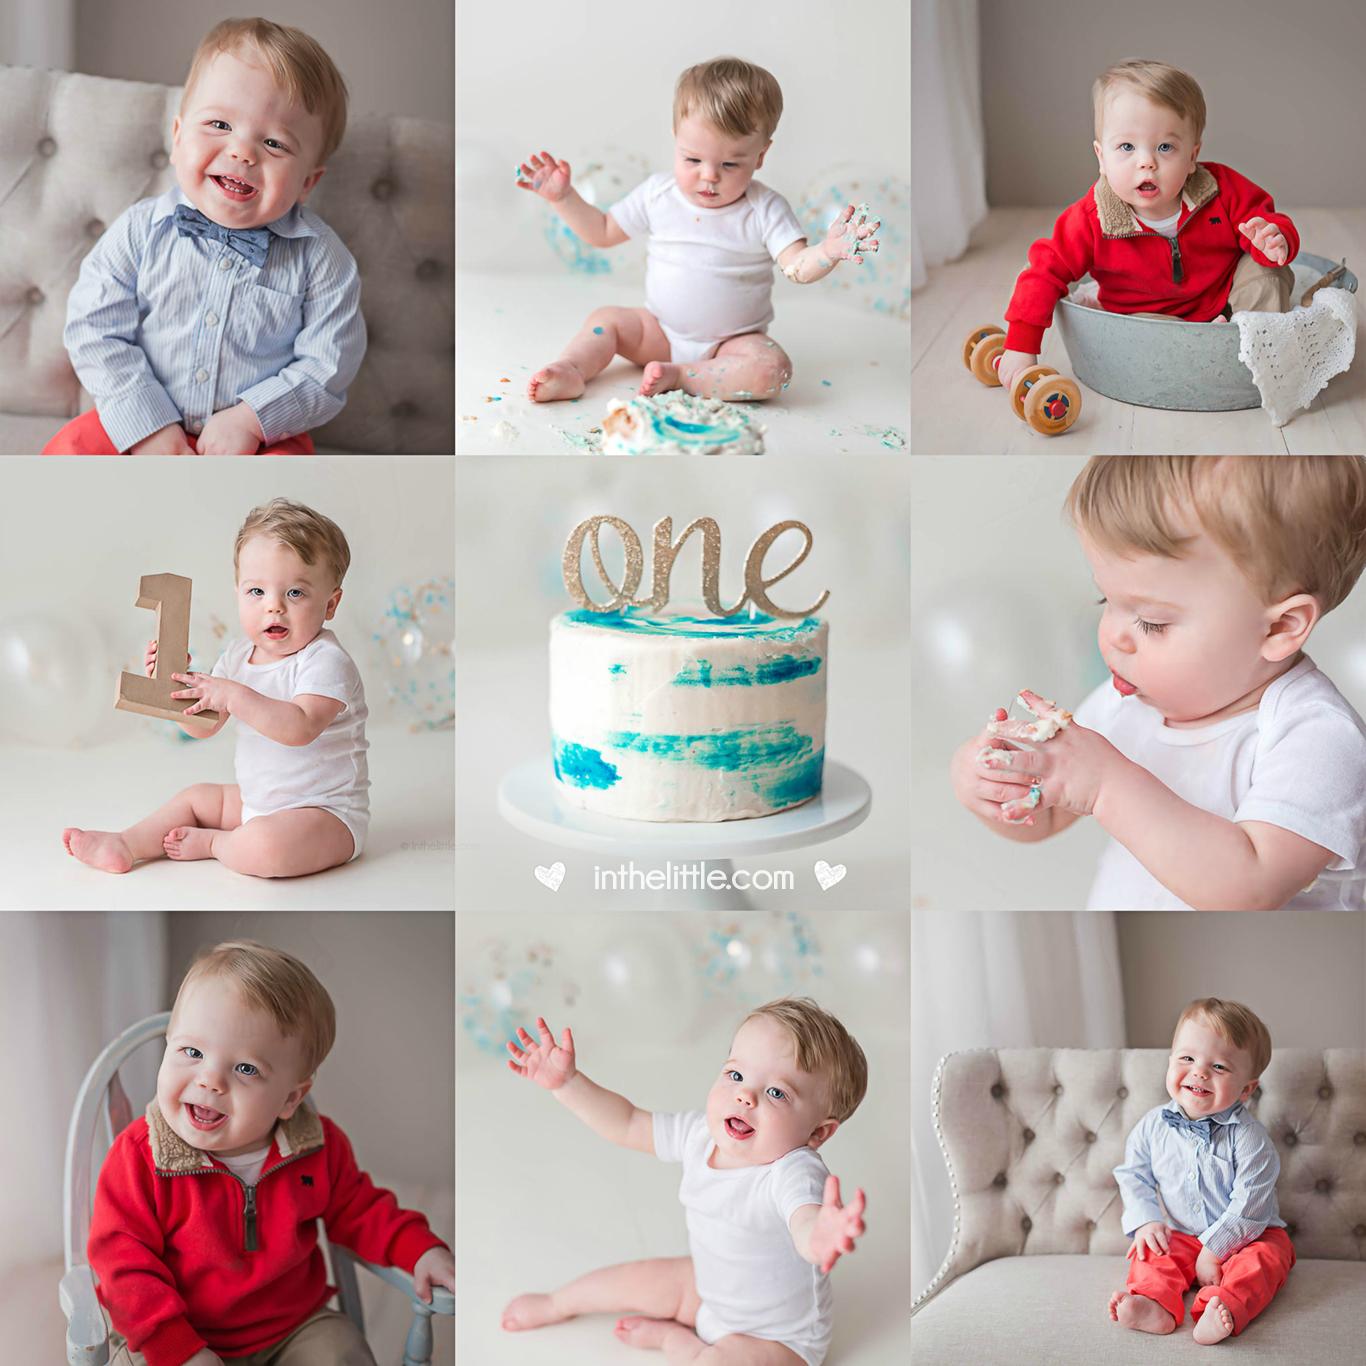 Best Baby Photographers Saint Louis MO zipcode 63141